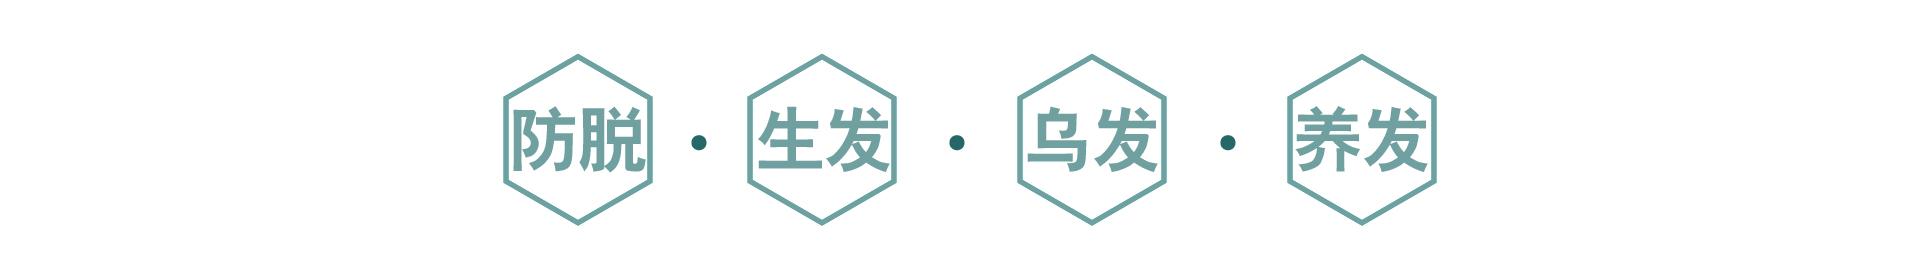 蒙霸养发堂mb_05